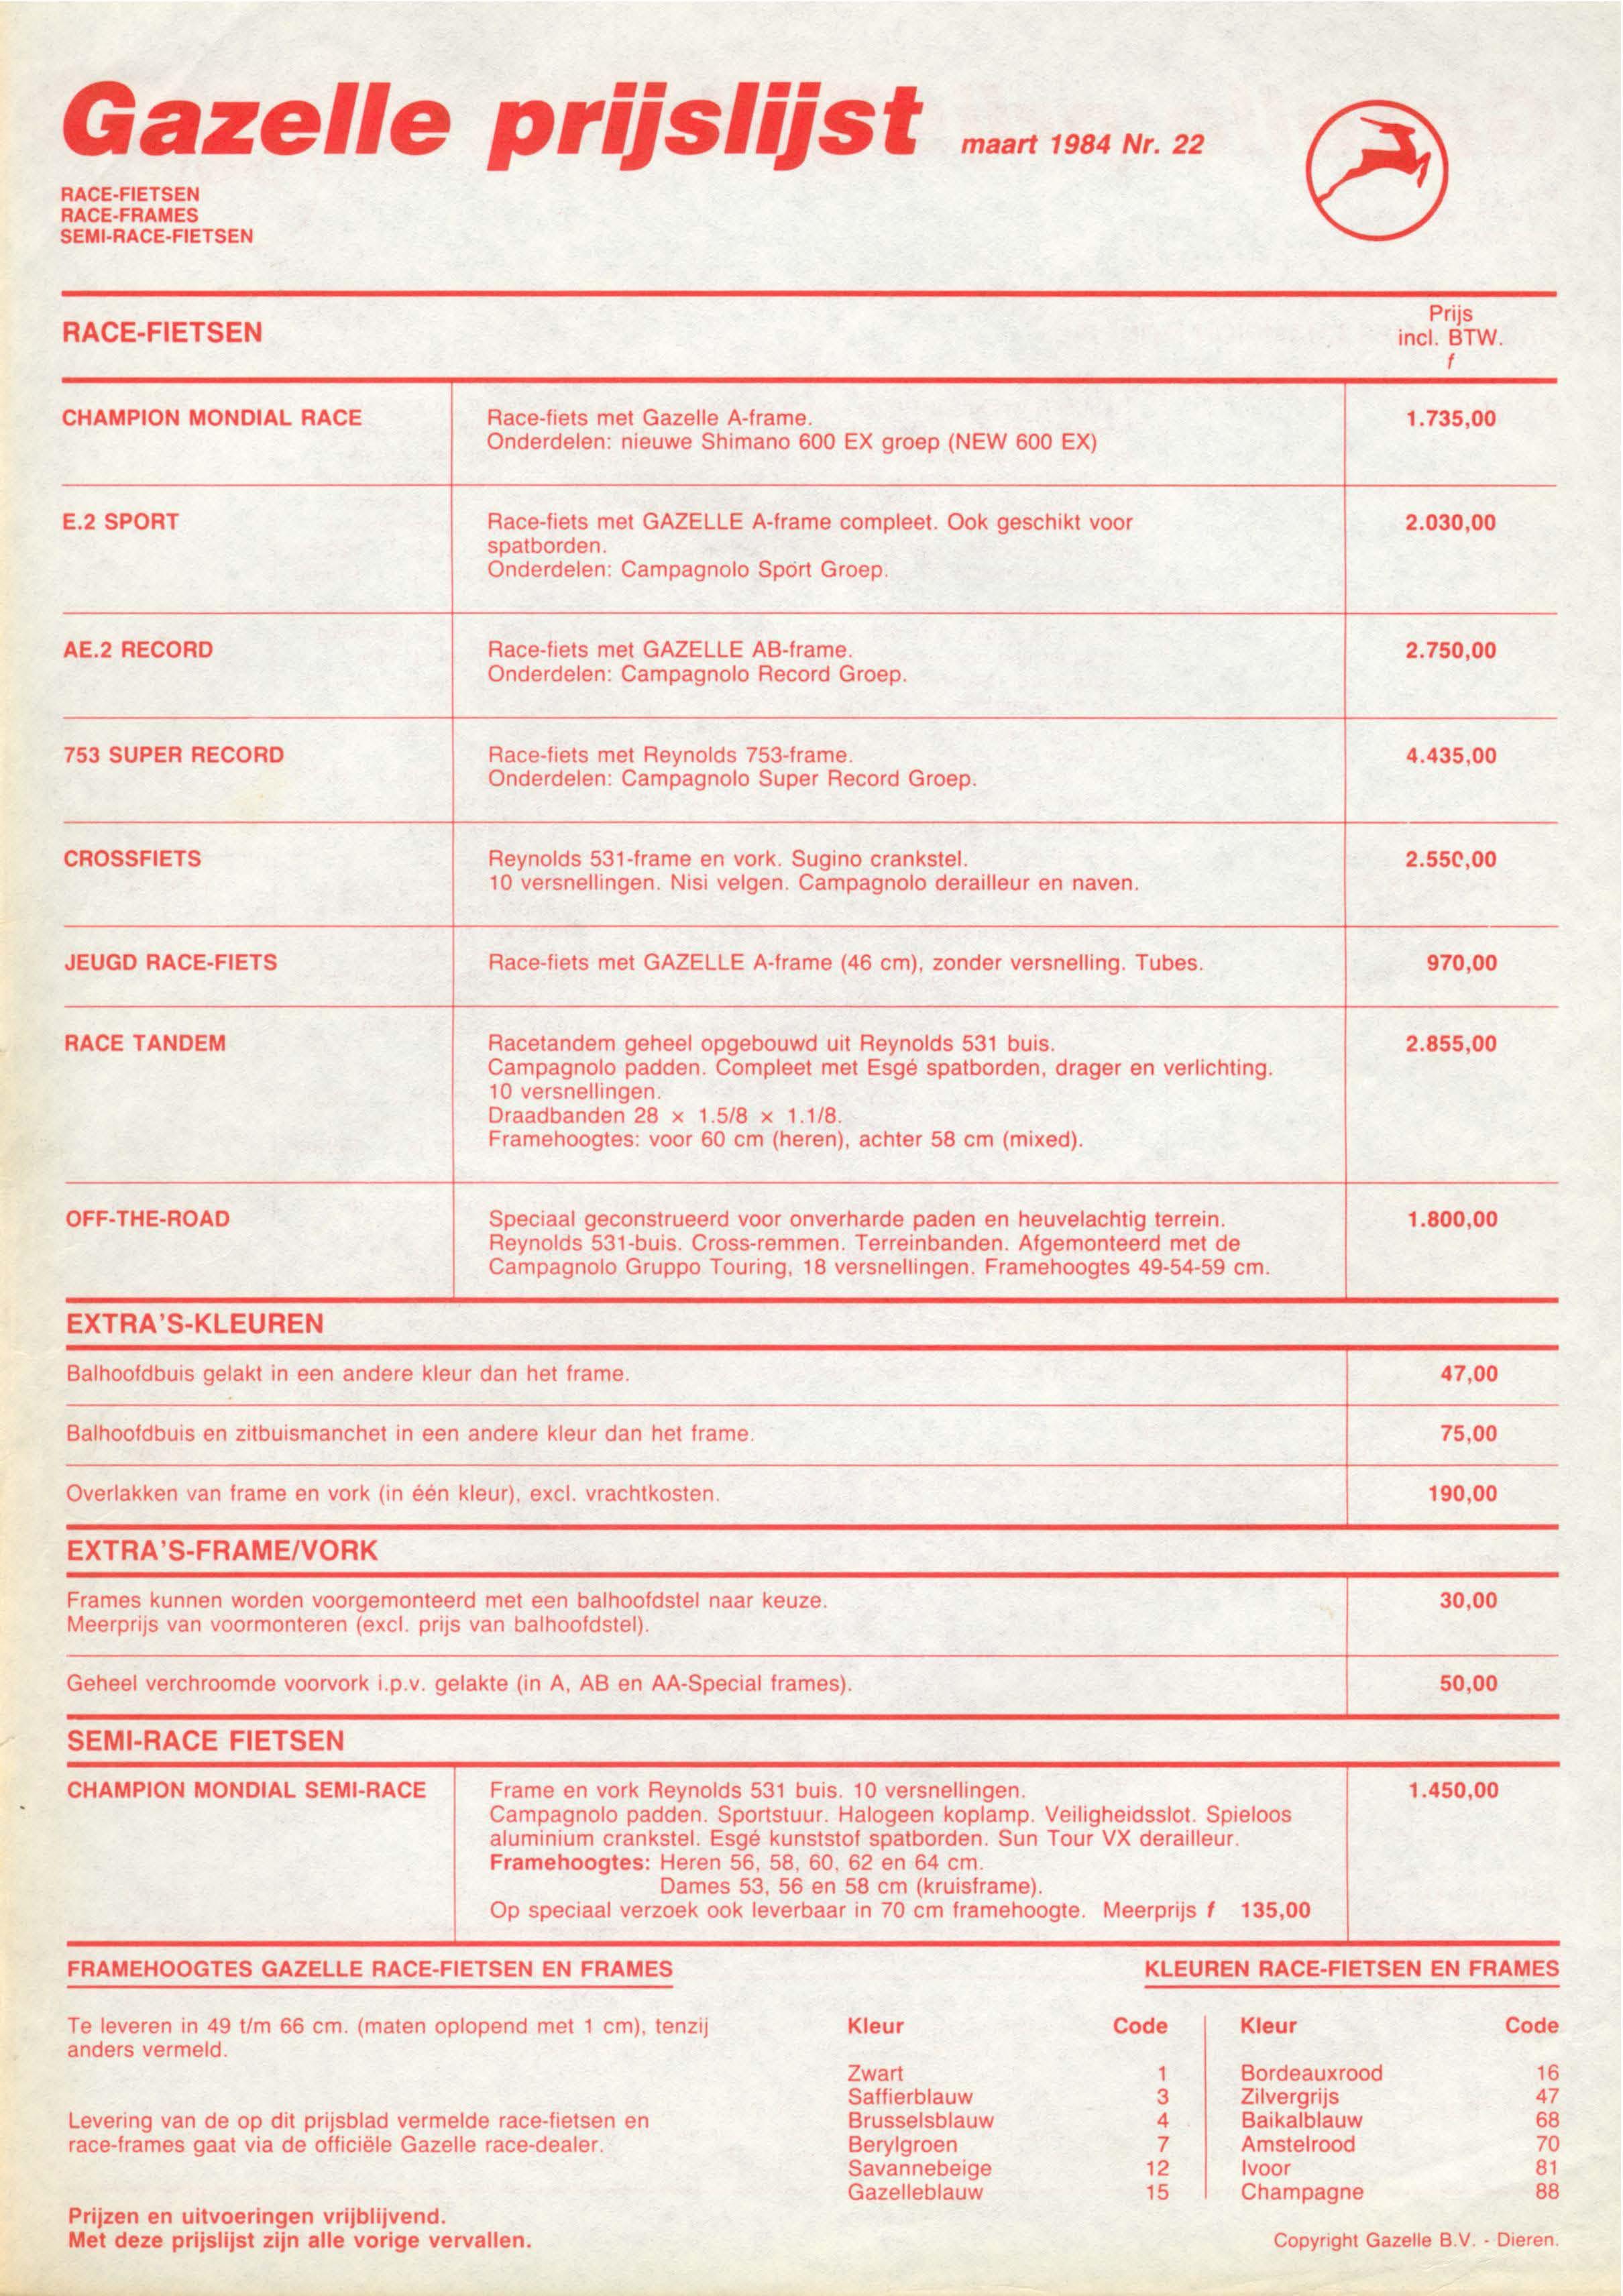 Katalogseite-Gazelle-1984-2